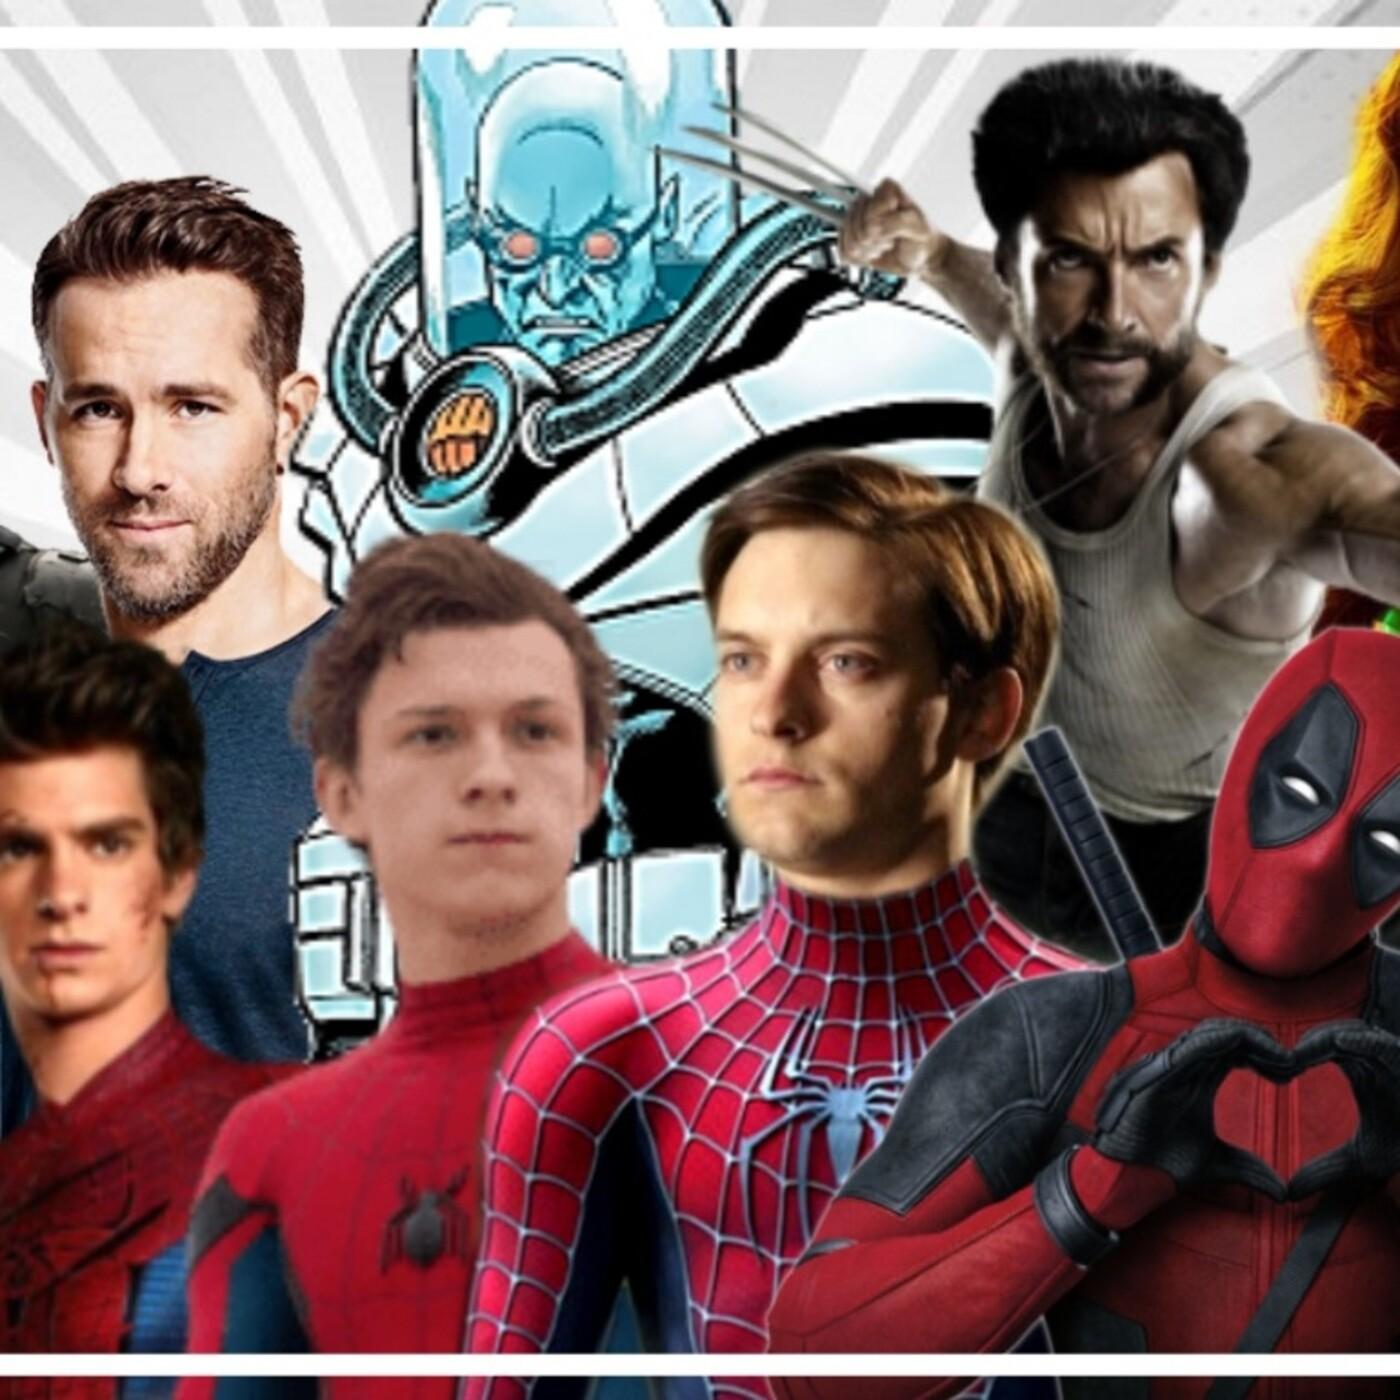 [RUMORES] - SpiderVerse en Spider-man 3, Hugh Jackman Lobezno en el MCU, Escenas de sexo en ESDLA...